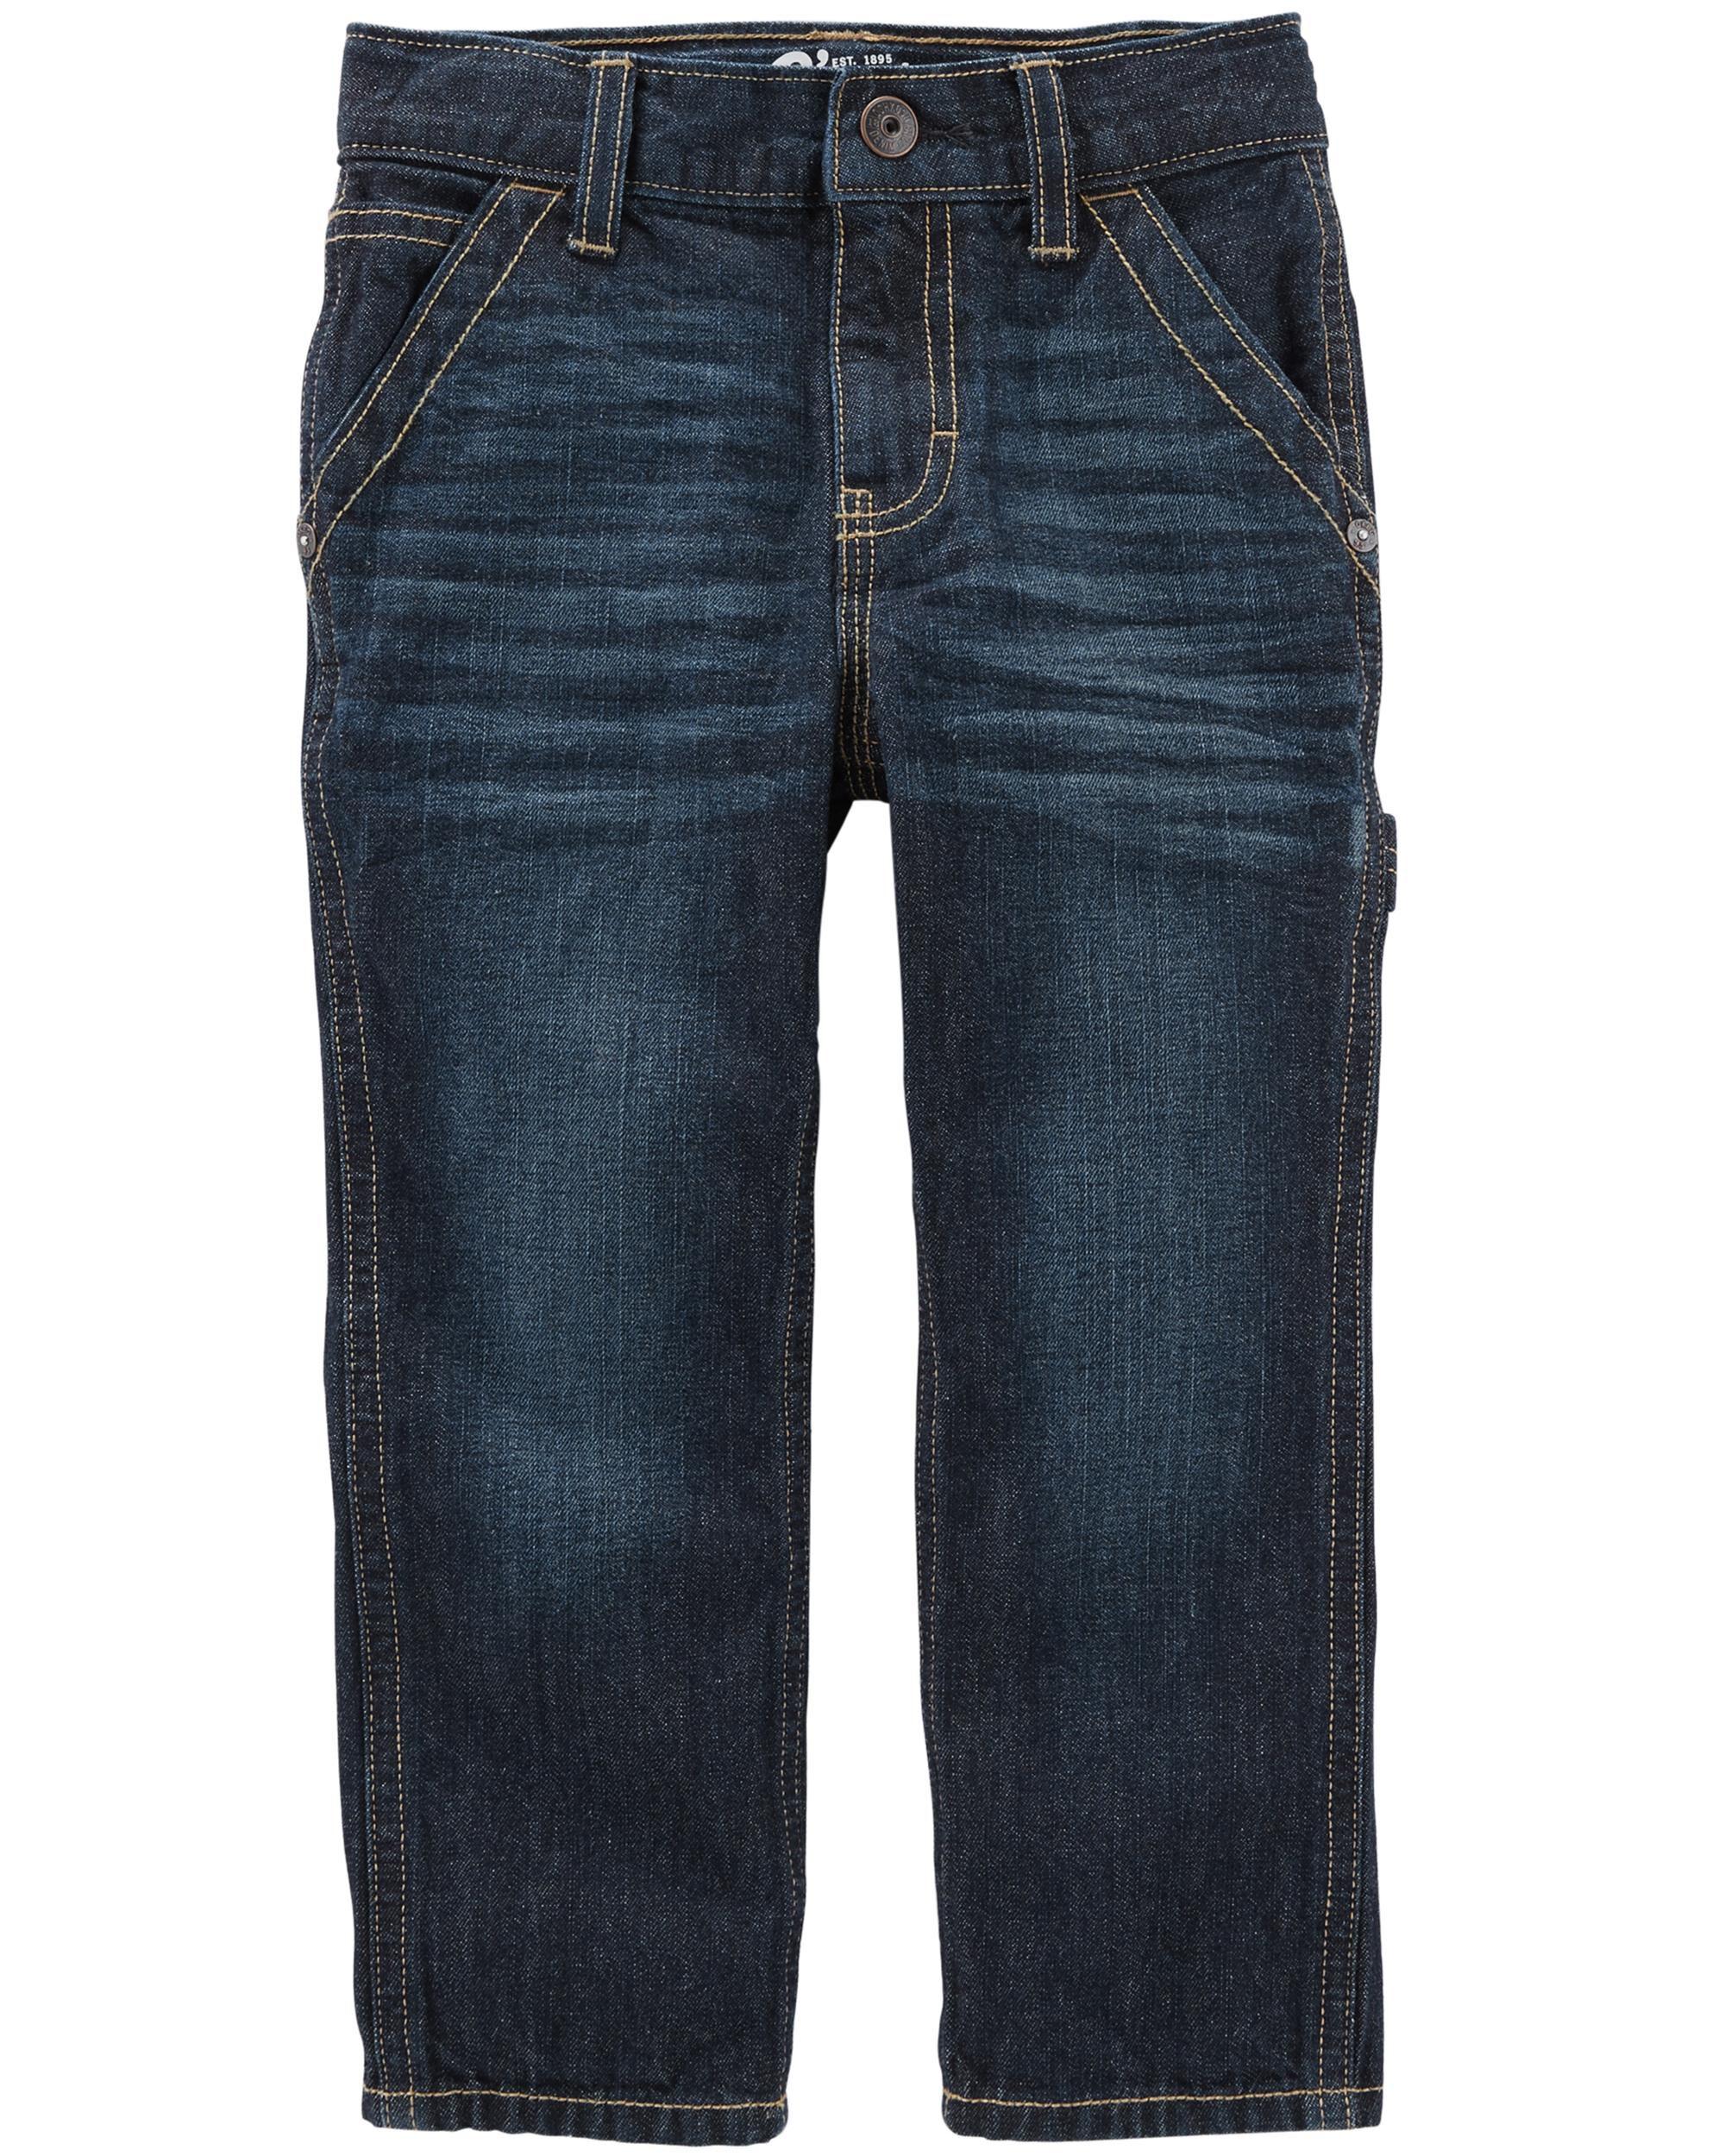 Workwear Straight Jeans - Mineral Dark Wash